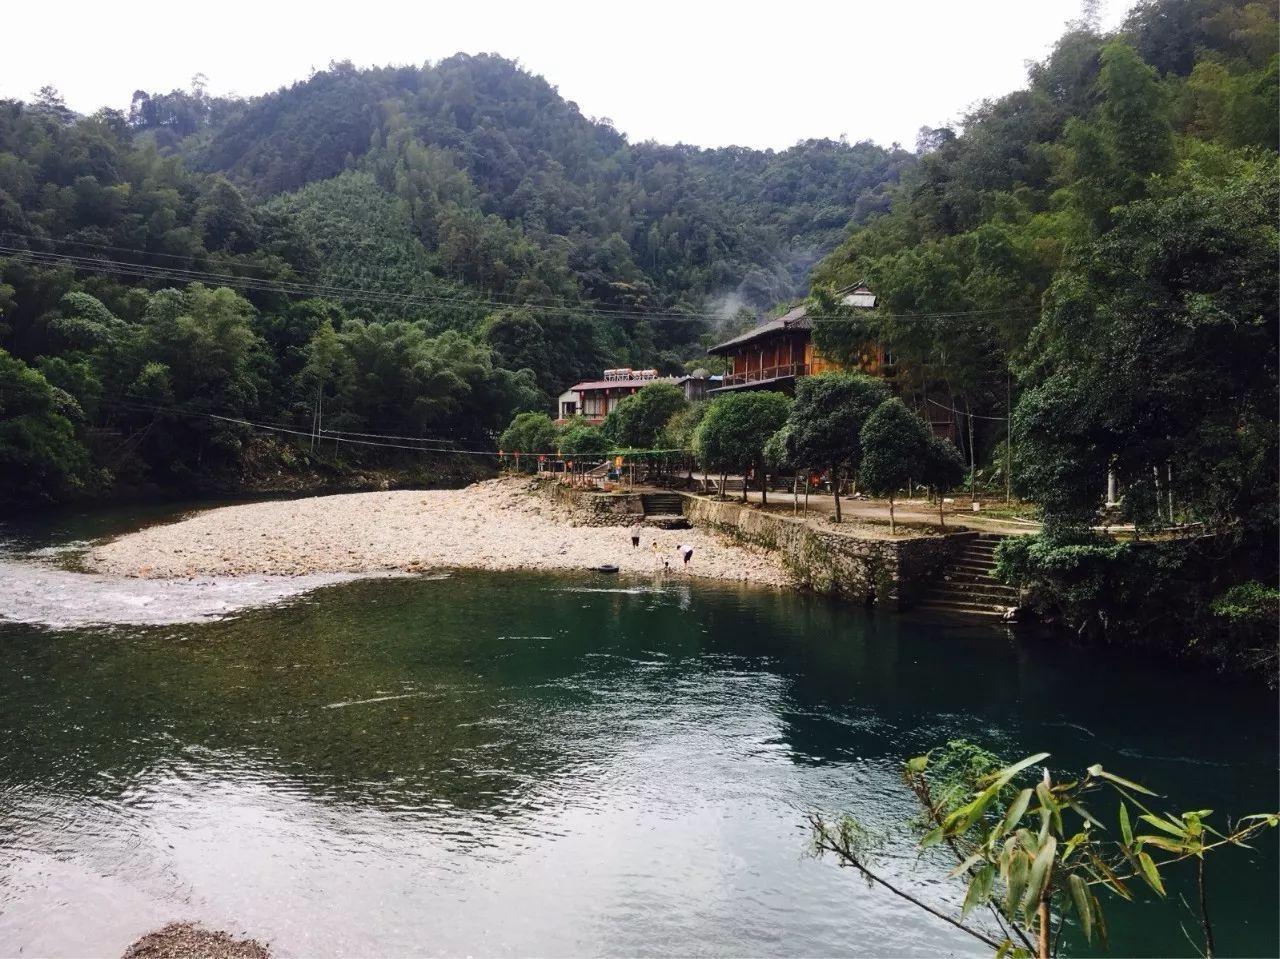 桂林龙泉山庄